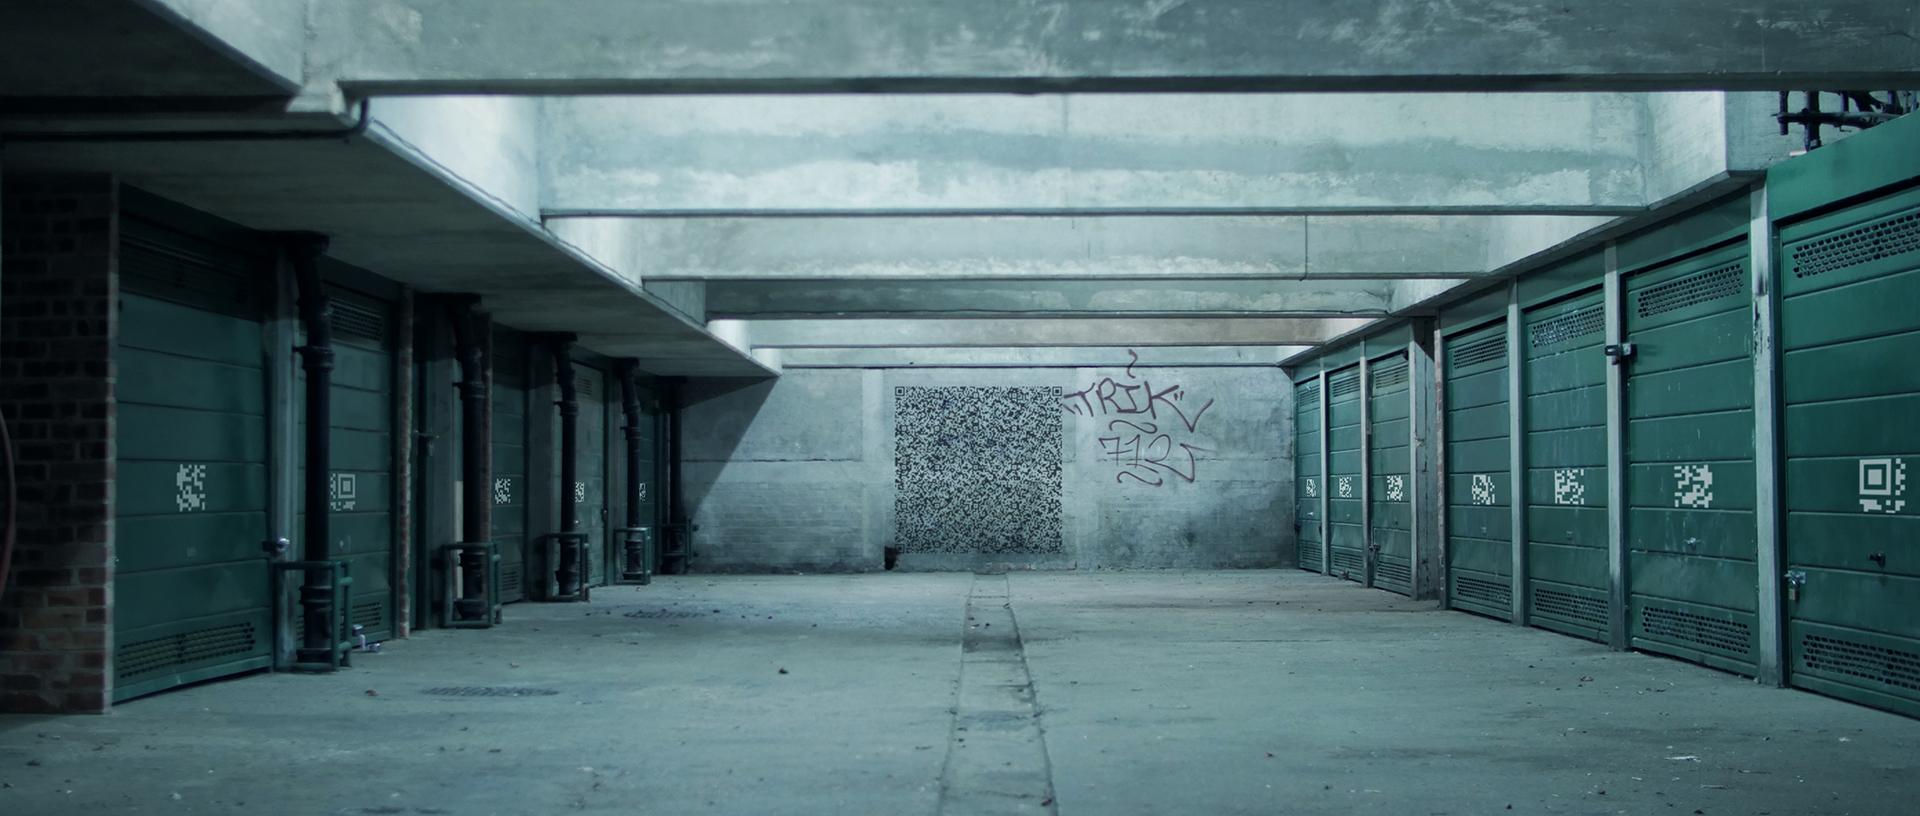 01_Empty City 3